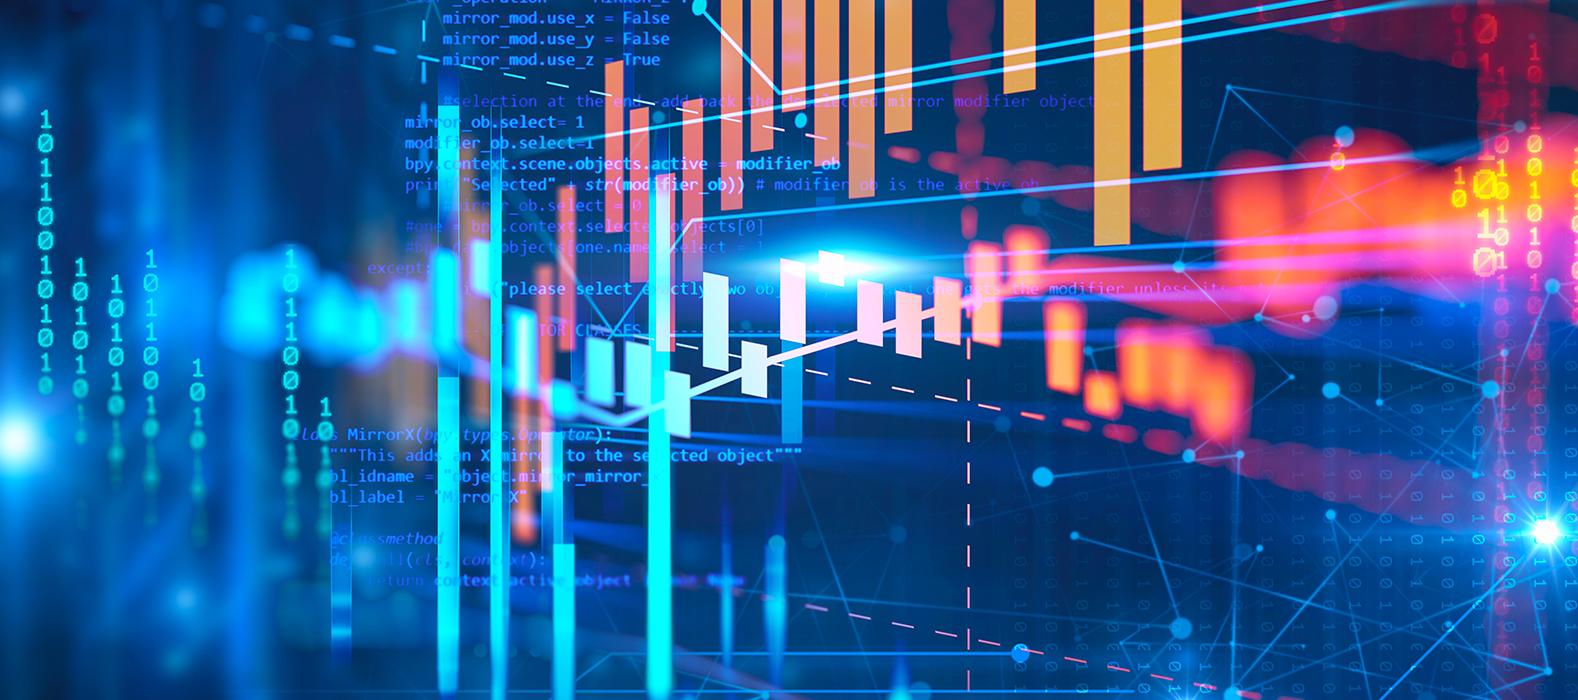 Osservatorio Fintech & Insurtech: un ecosistema di dati e attori a supporto dell'innovazione nella Finanza e nelle Assicurazioni